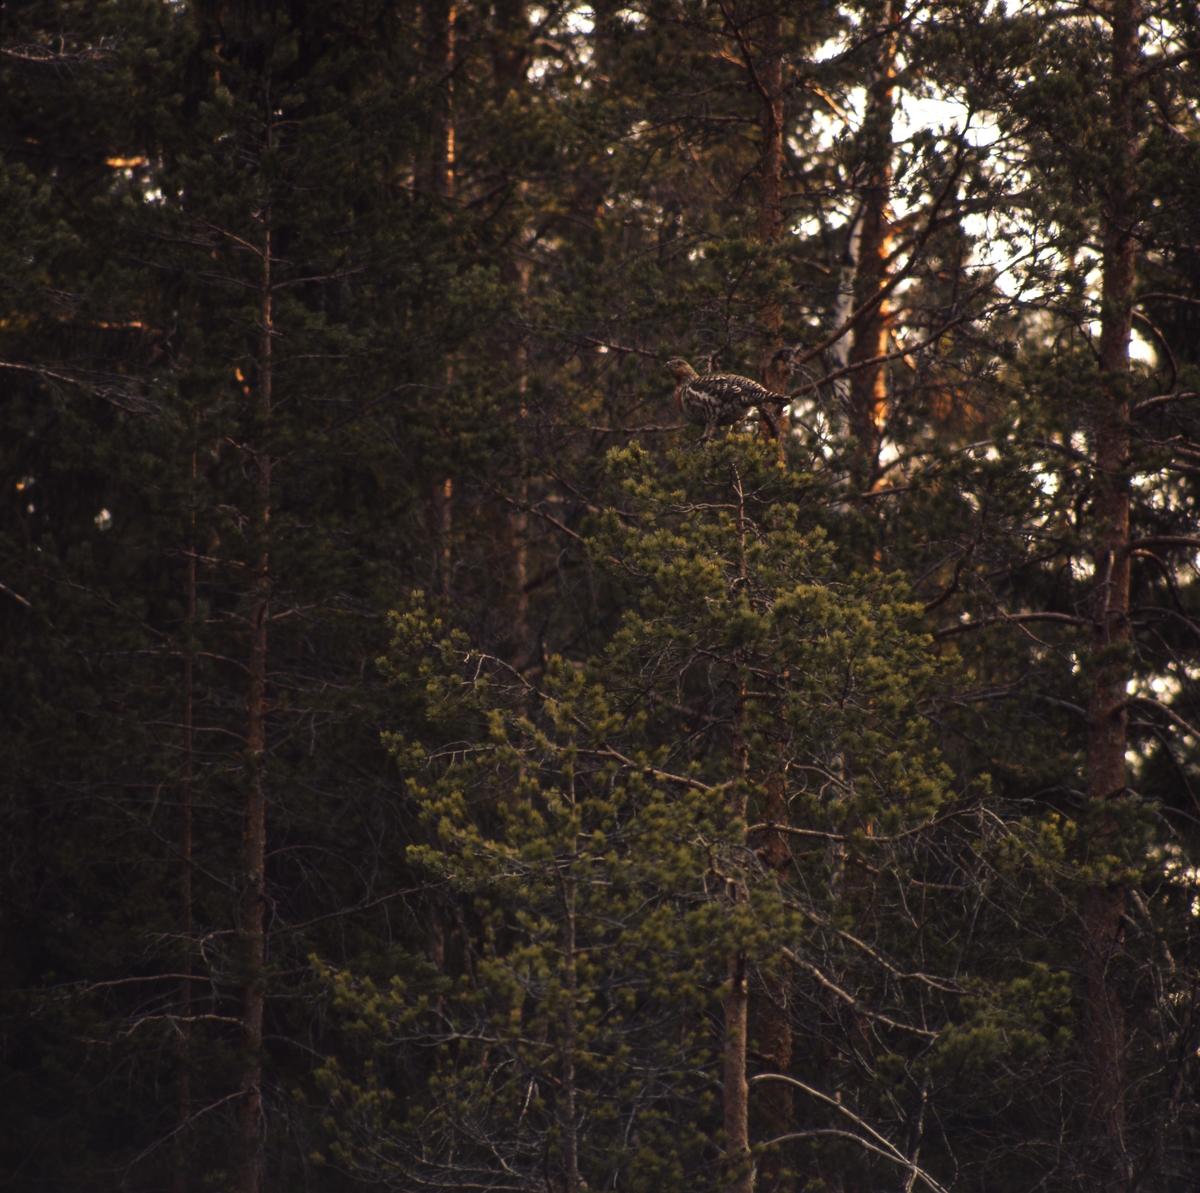 En tjäderhöna sitter uppe i en talltopp i skogen.